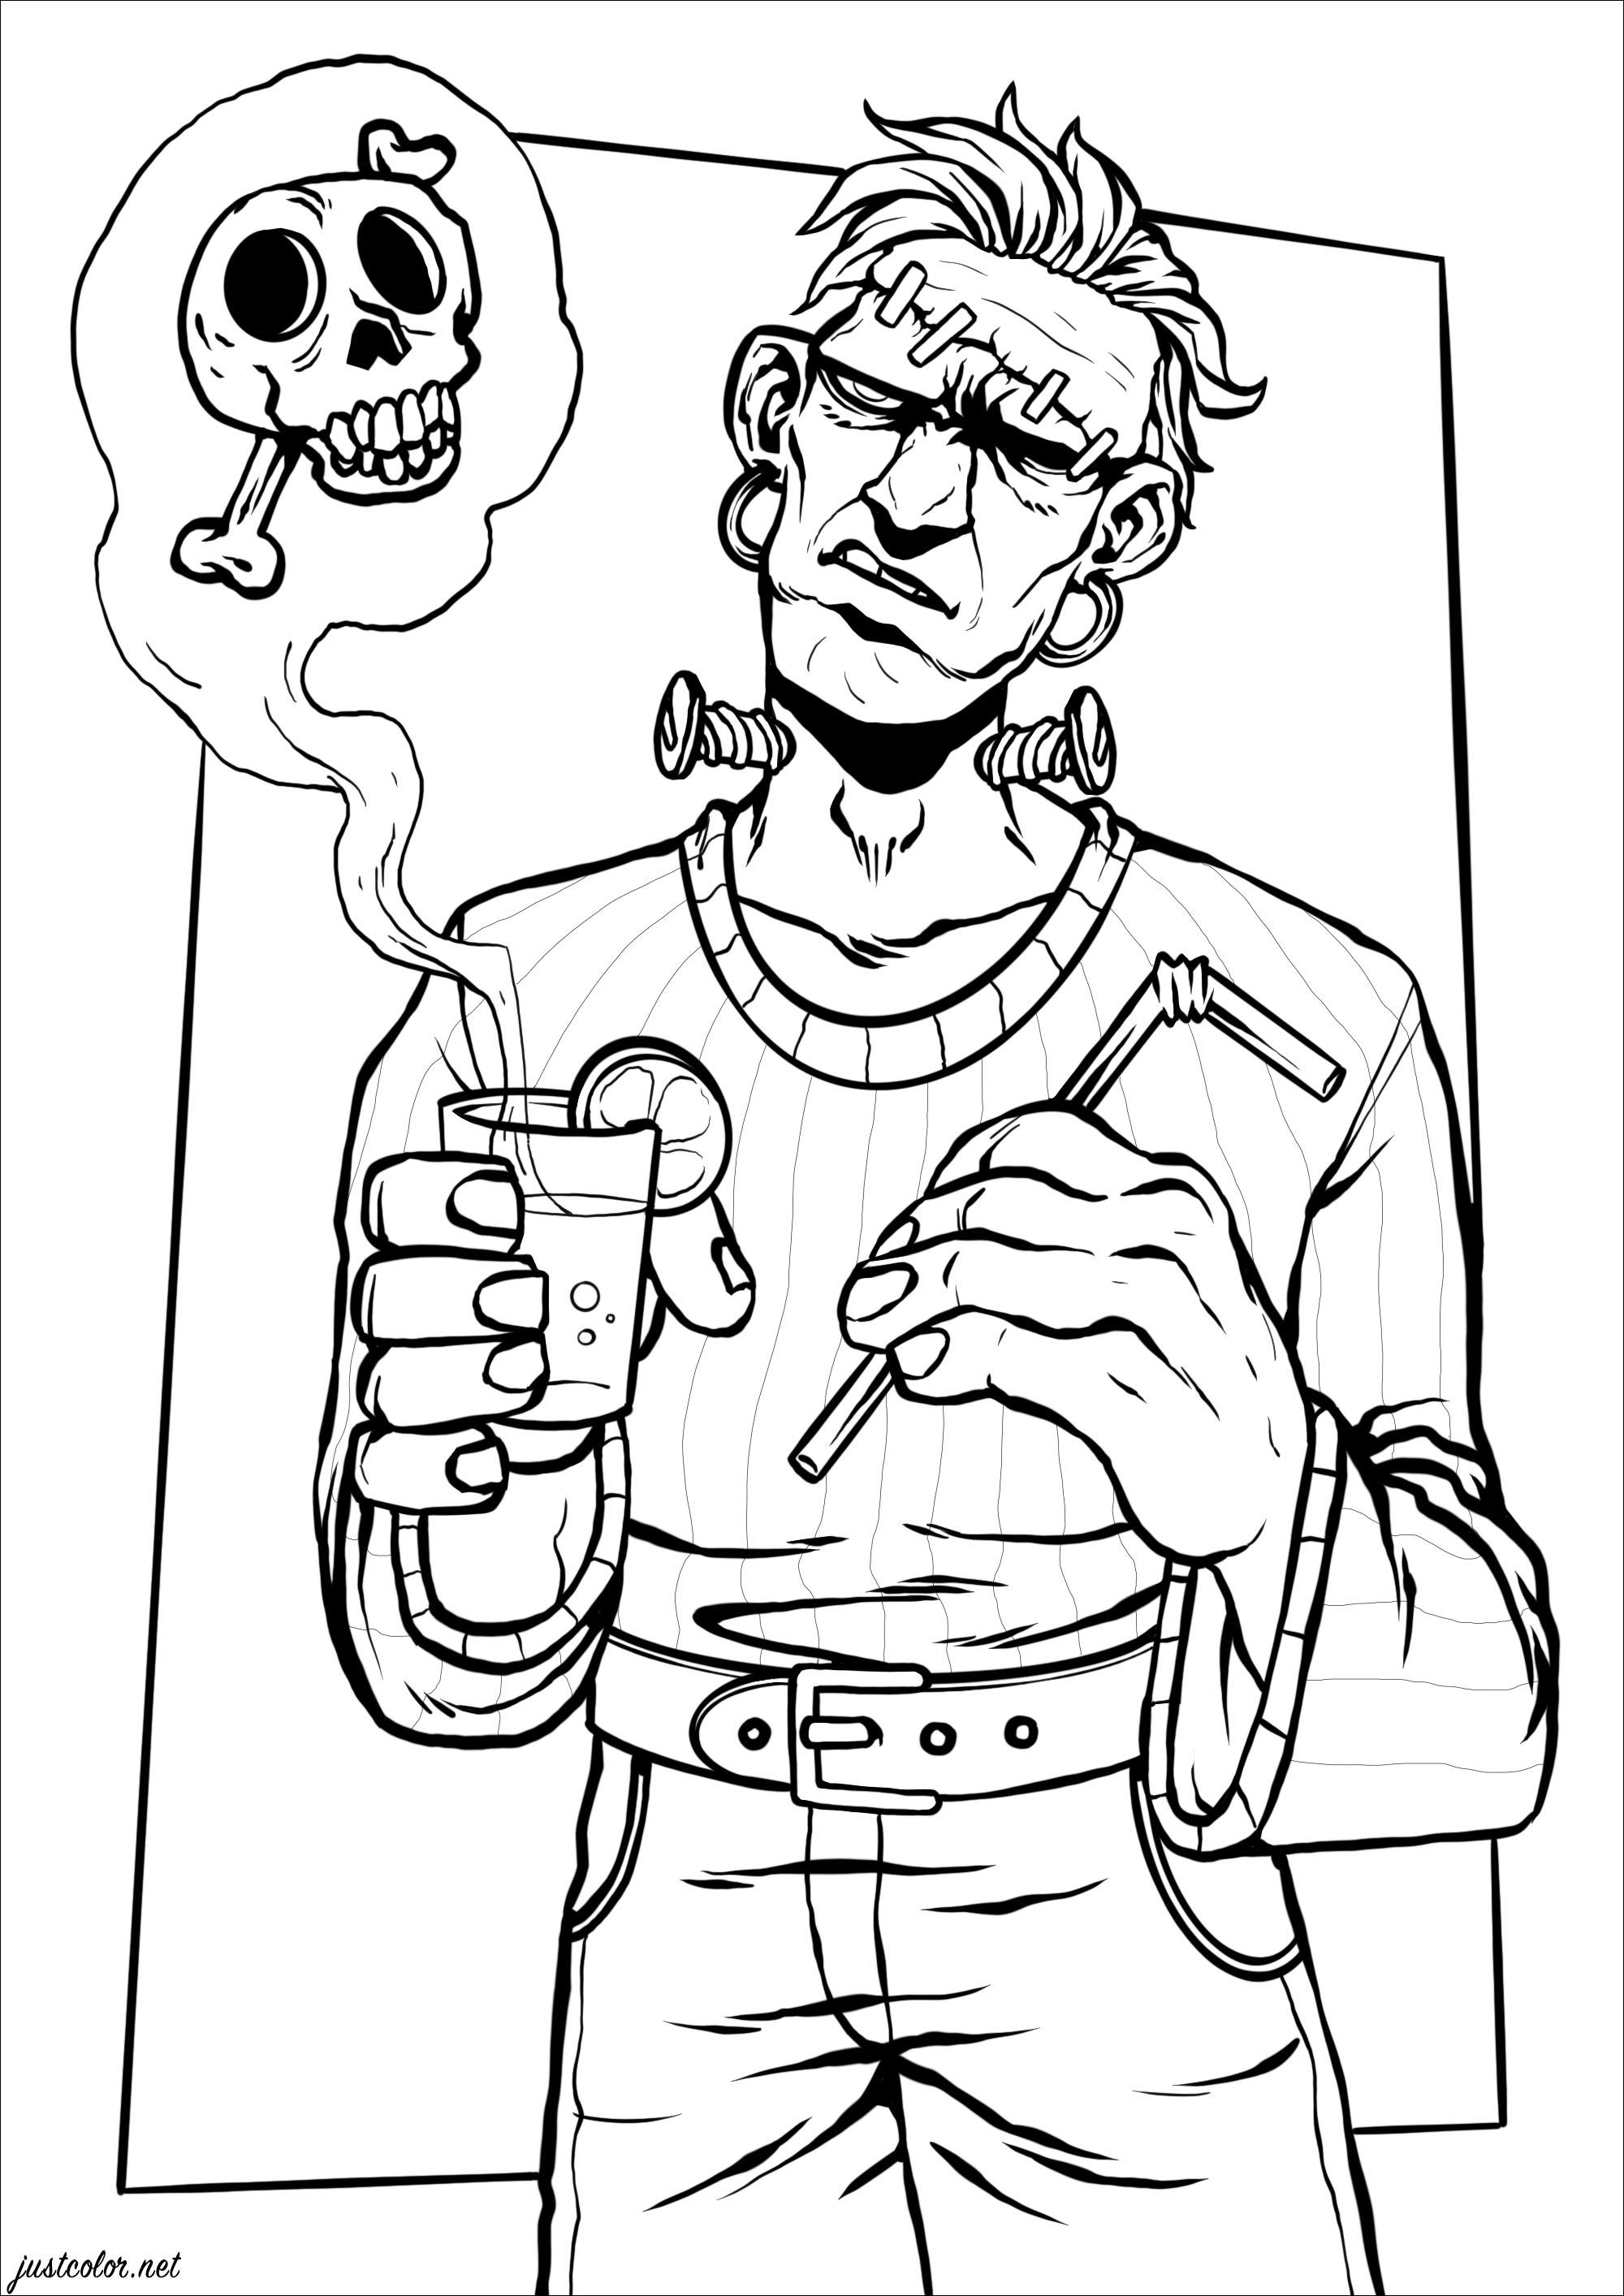 La fameuse créature de Frankenstein en train de boire une boisson 'mortelle' !